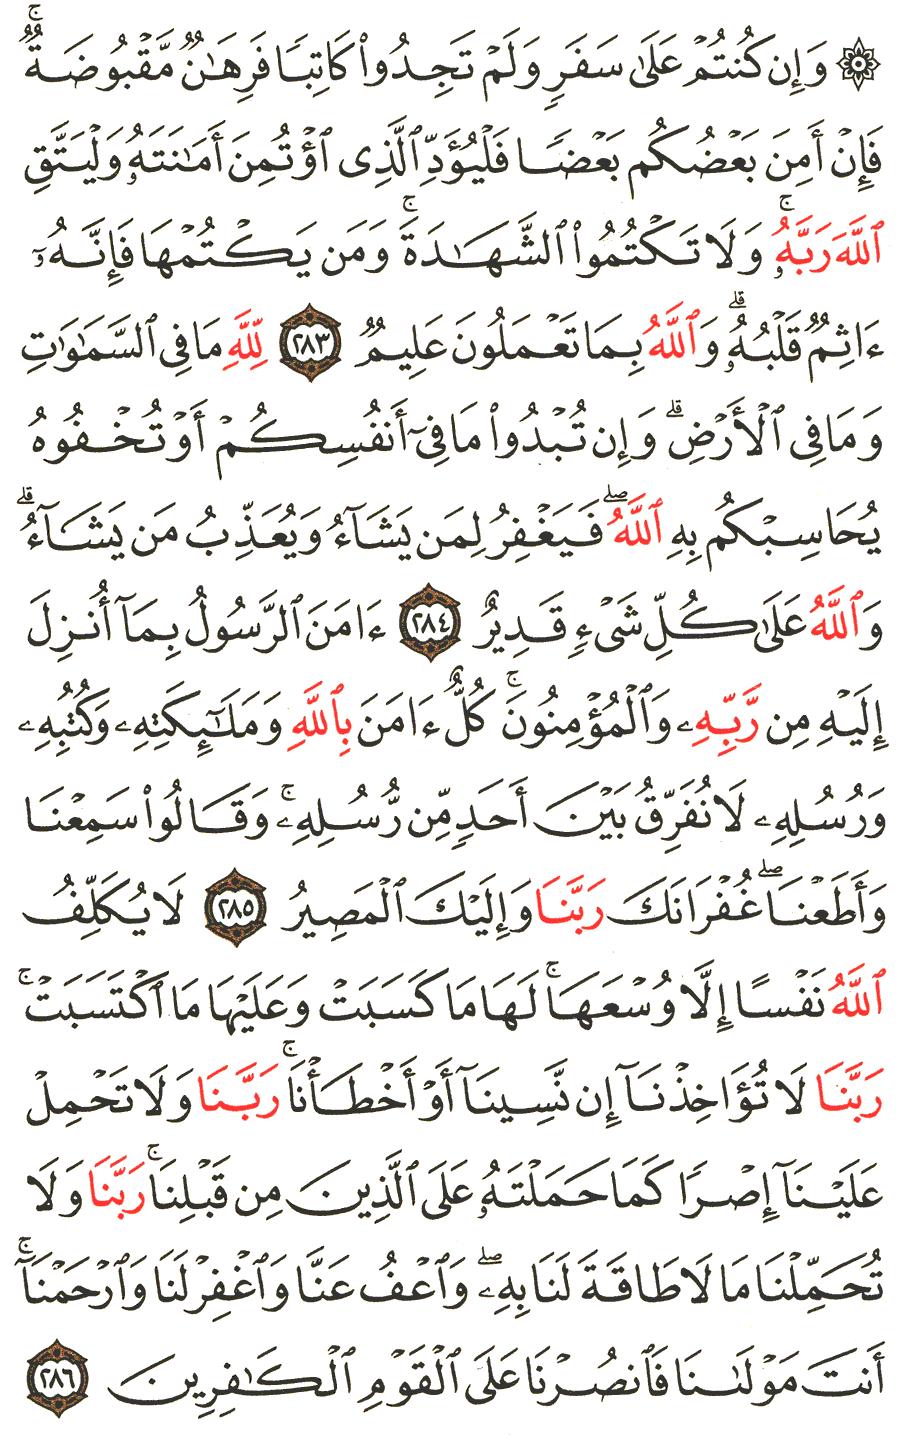 Surah Baqarah Full Pdf In Arabic Download